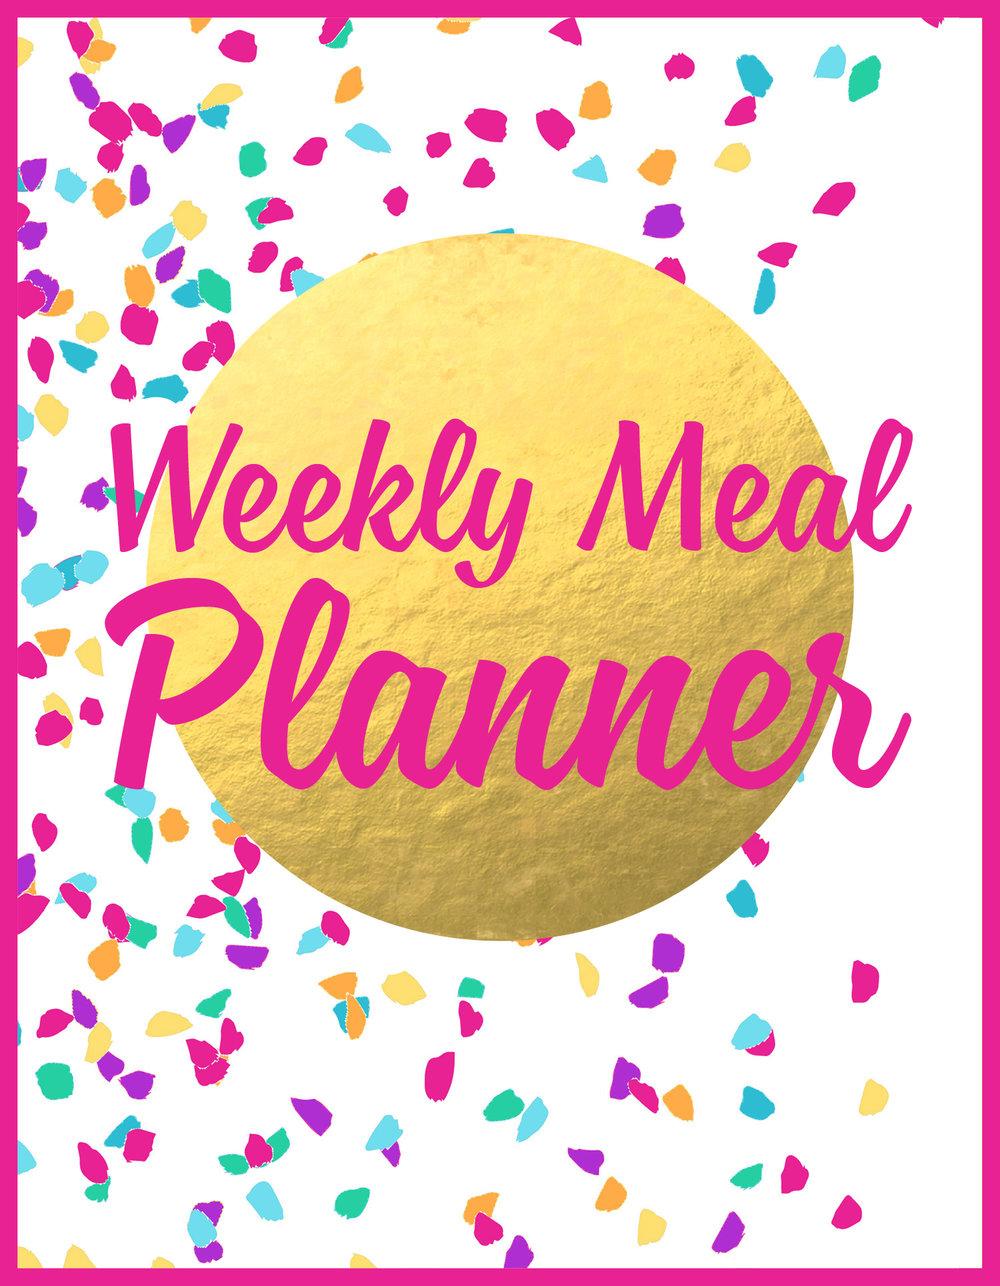 Julia Jackson Weekly Meal Planner